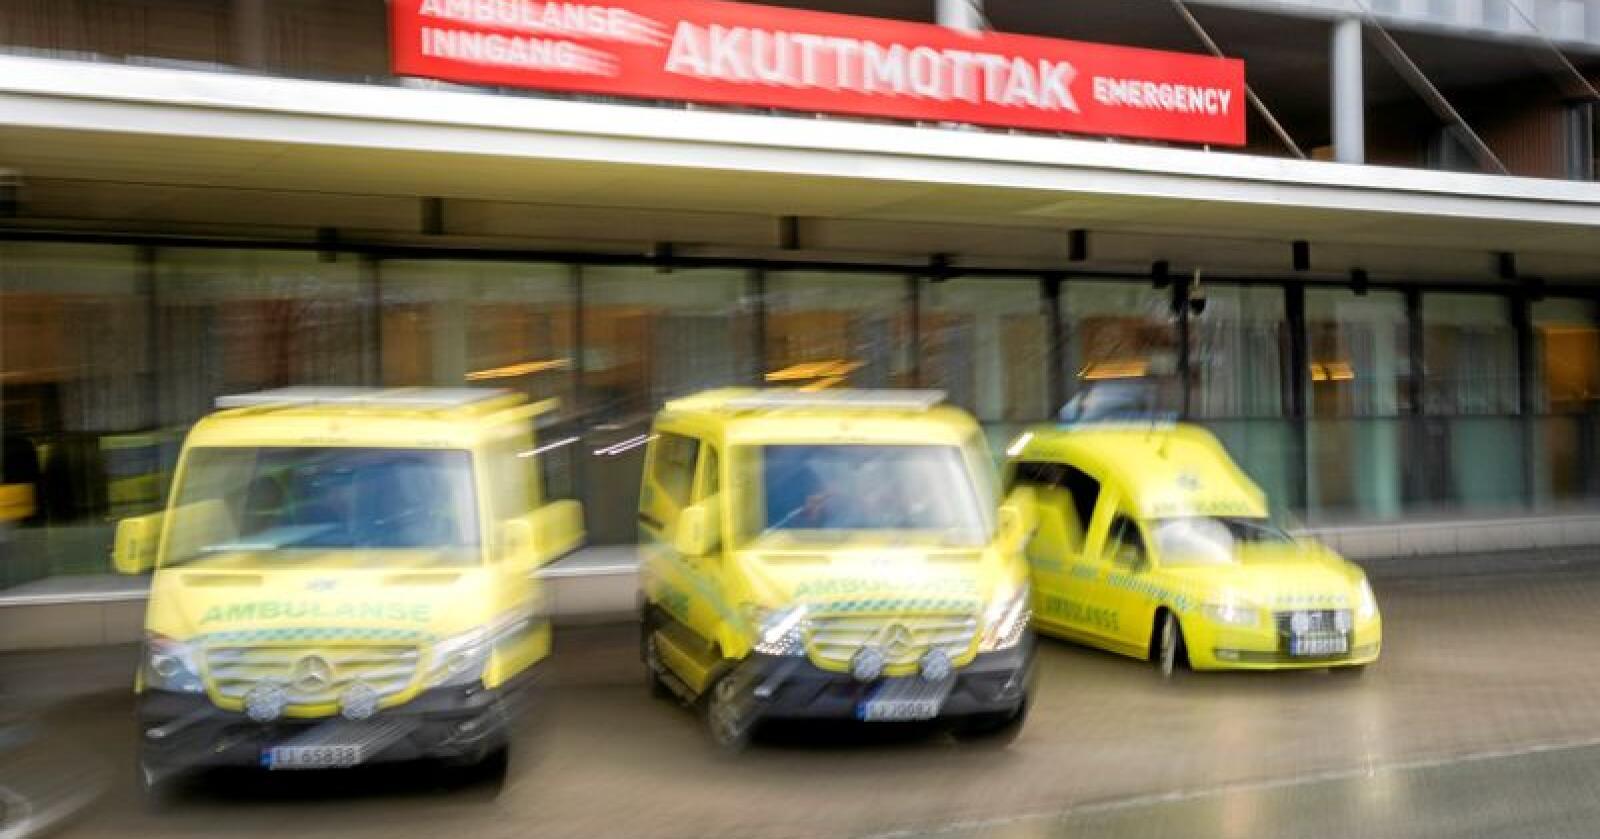 Akutt:  MDG Innlandet vil kjempe for å bevare akuttsykehusene i regionen. Foto: Gorm Kallestad/NTB scanpix